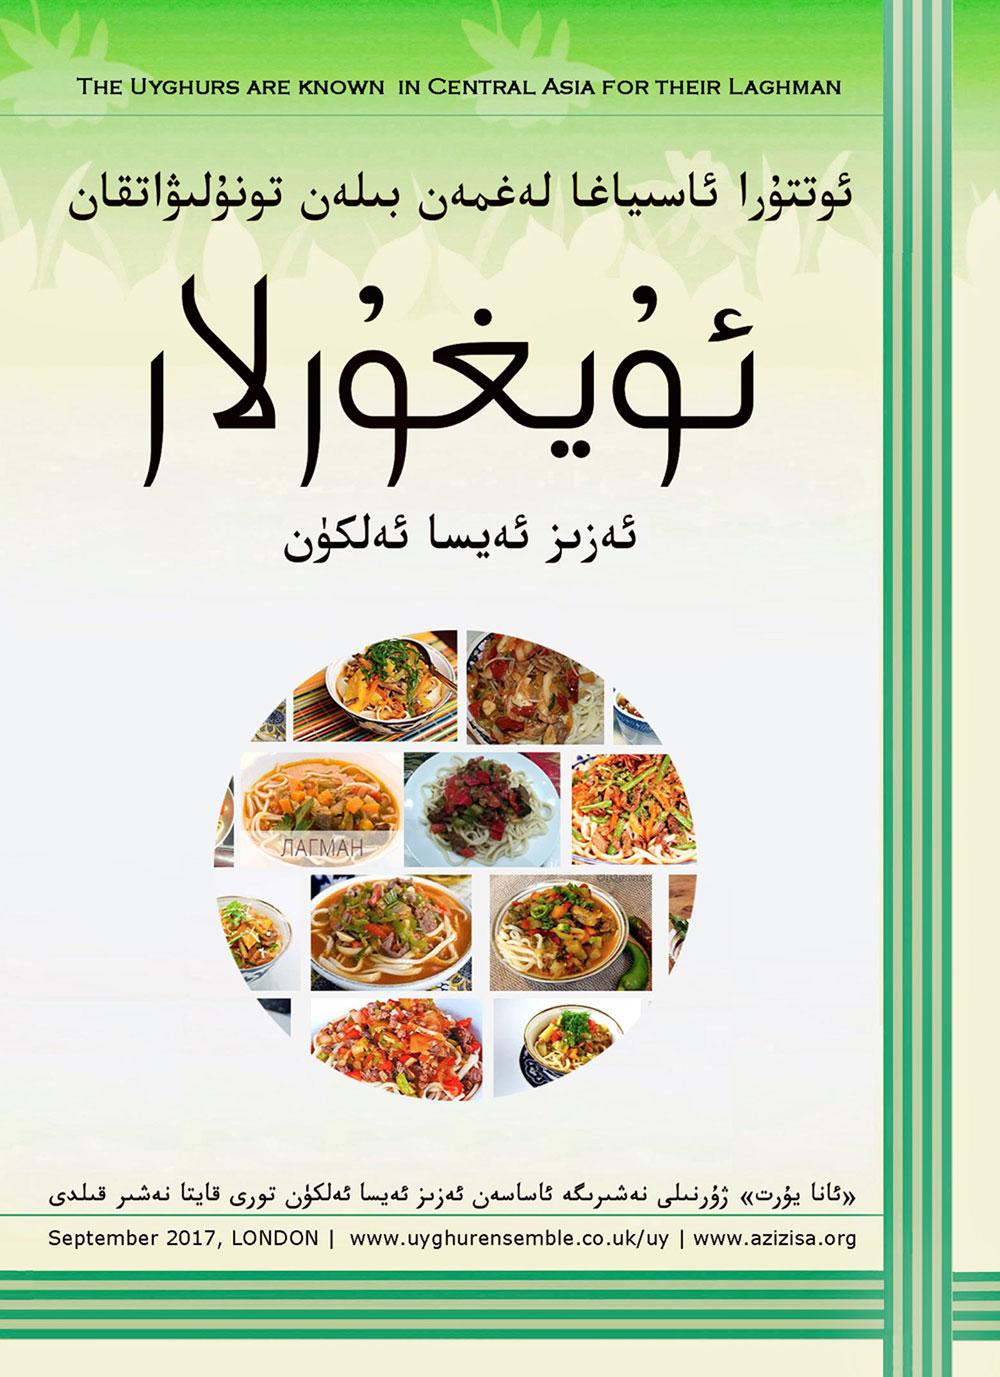 Ottura Asiyagha leghmen bilen tonulghan Uyghurlar